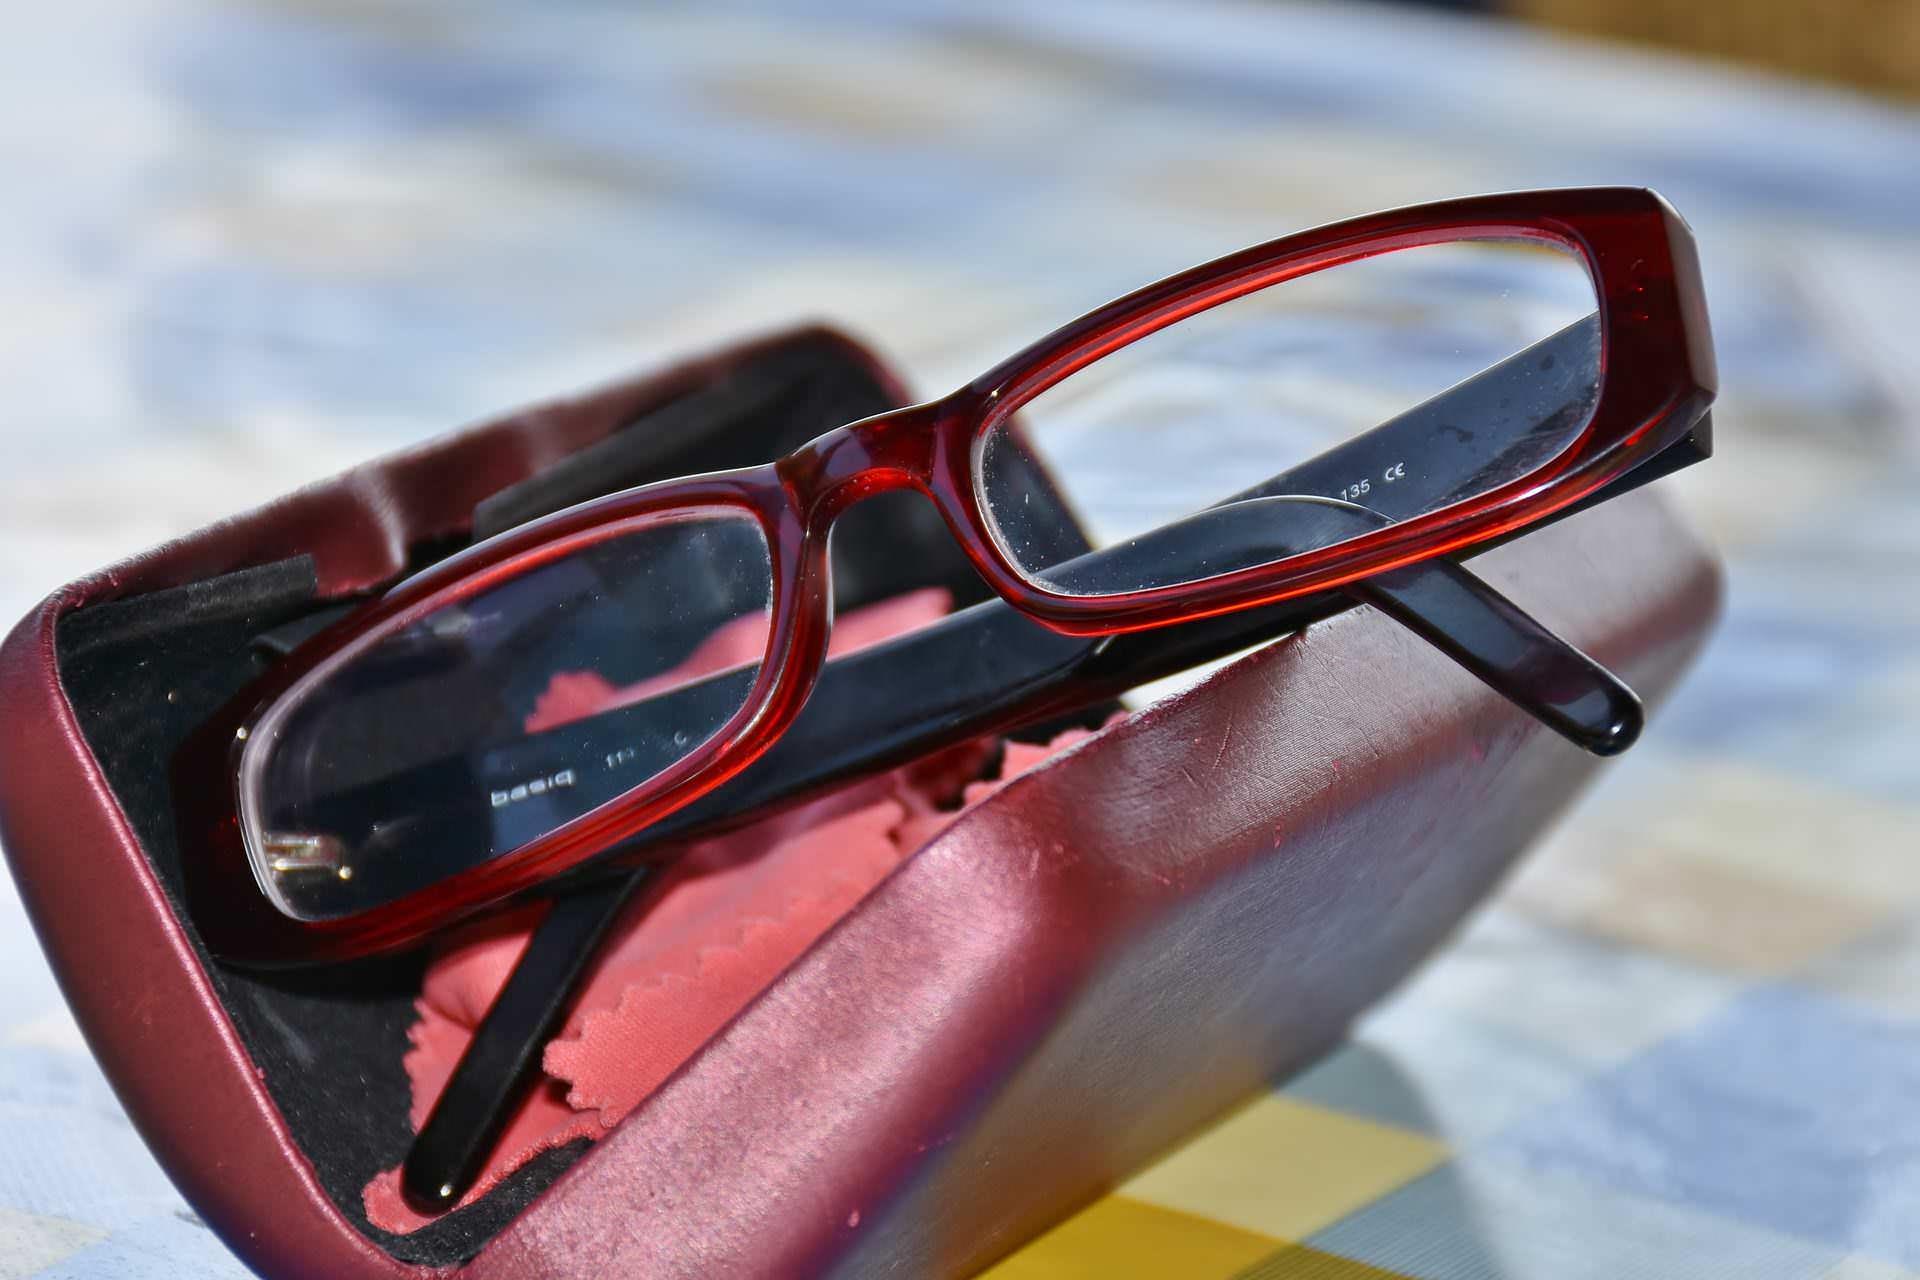 Brillenpflege: Im Etui schützen und sauber machen